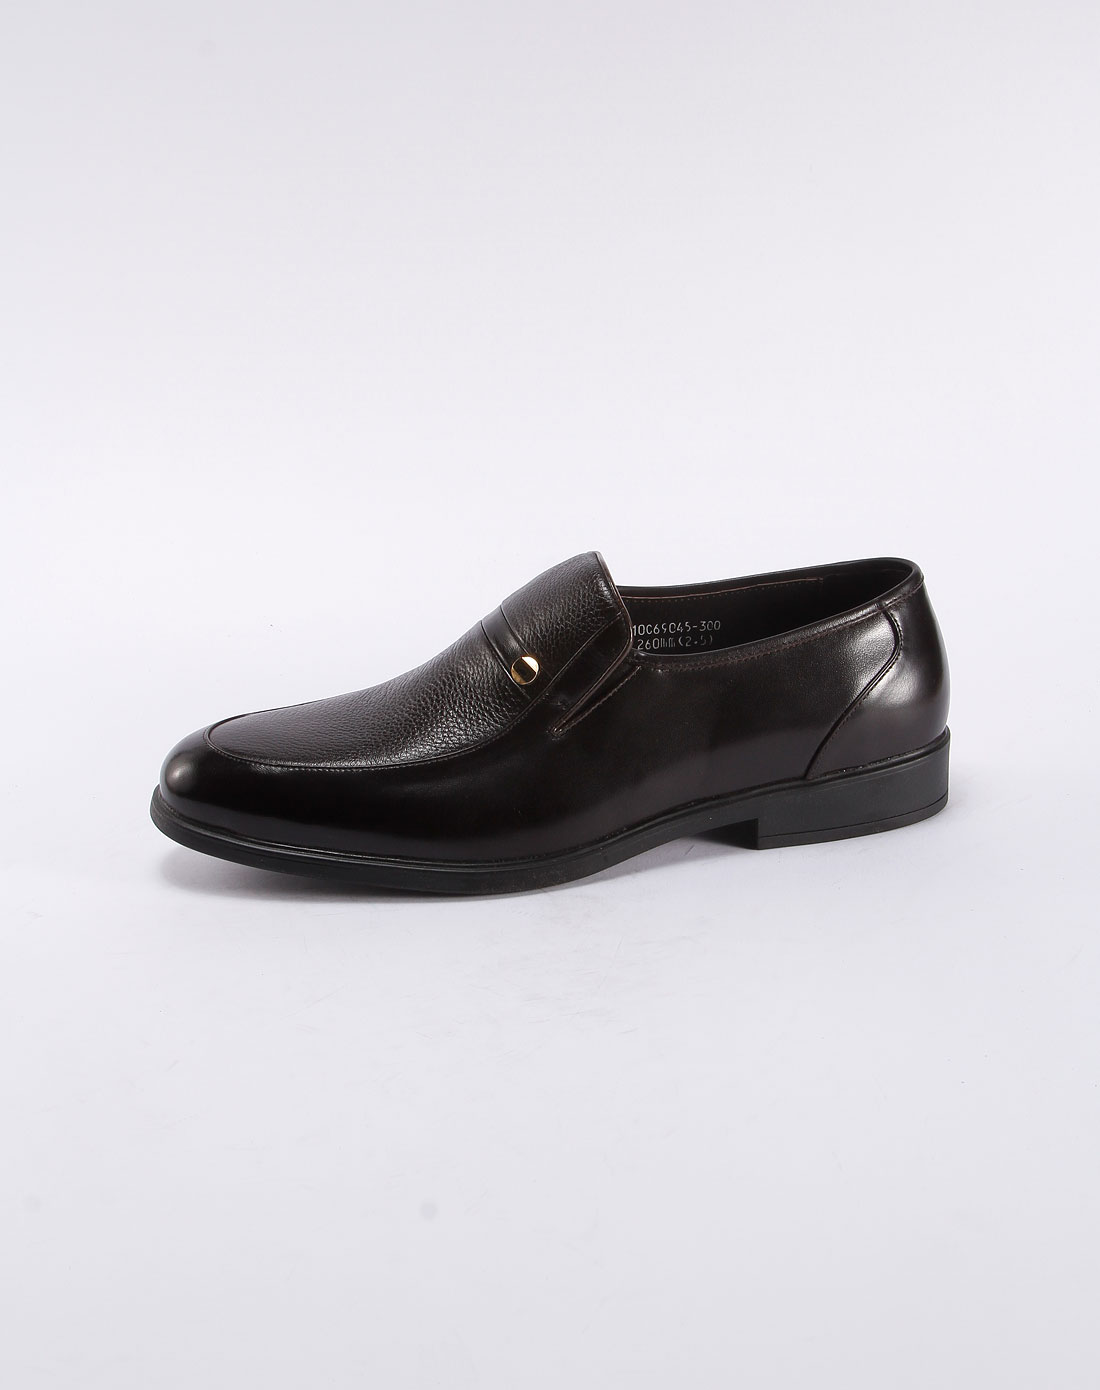 卡帝乐鳄鱼cartelo深咖啡色商务休闲皮鞋10c69045004